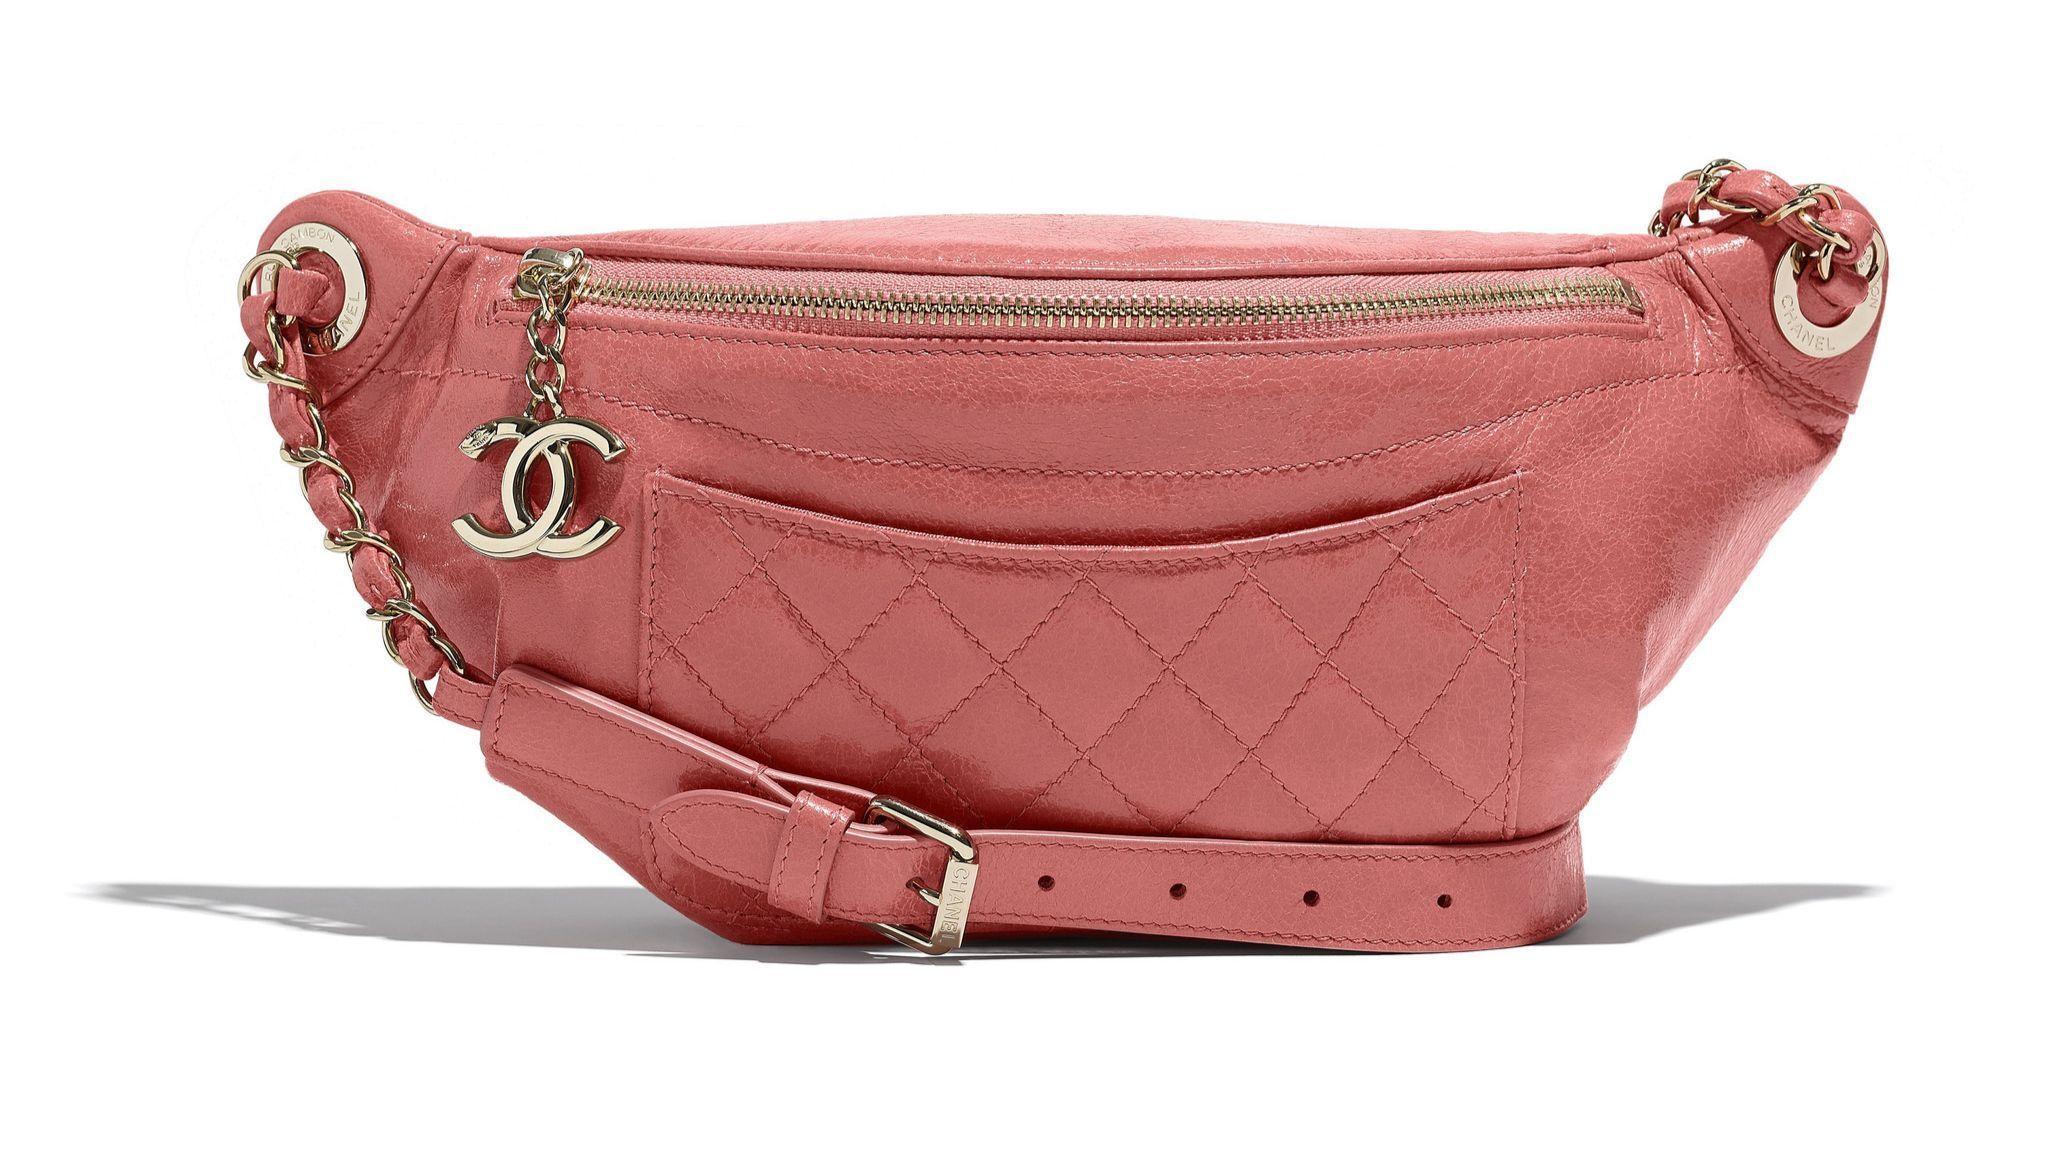 Chanel's Waist Bag.